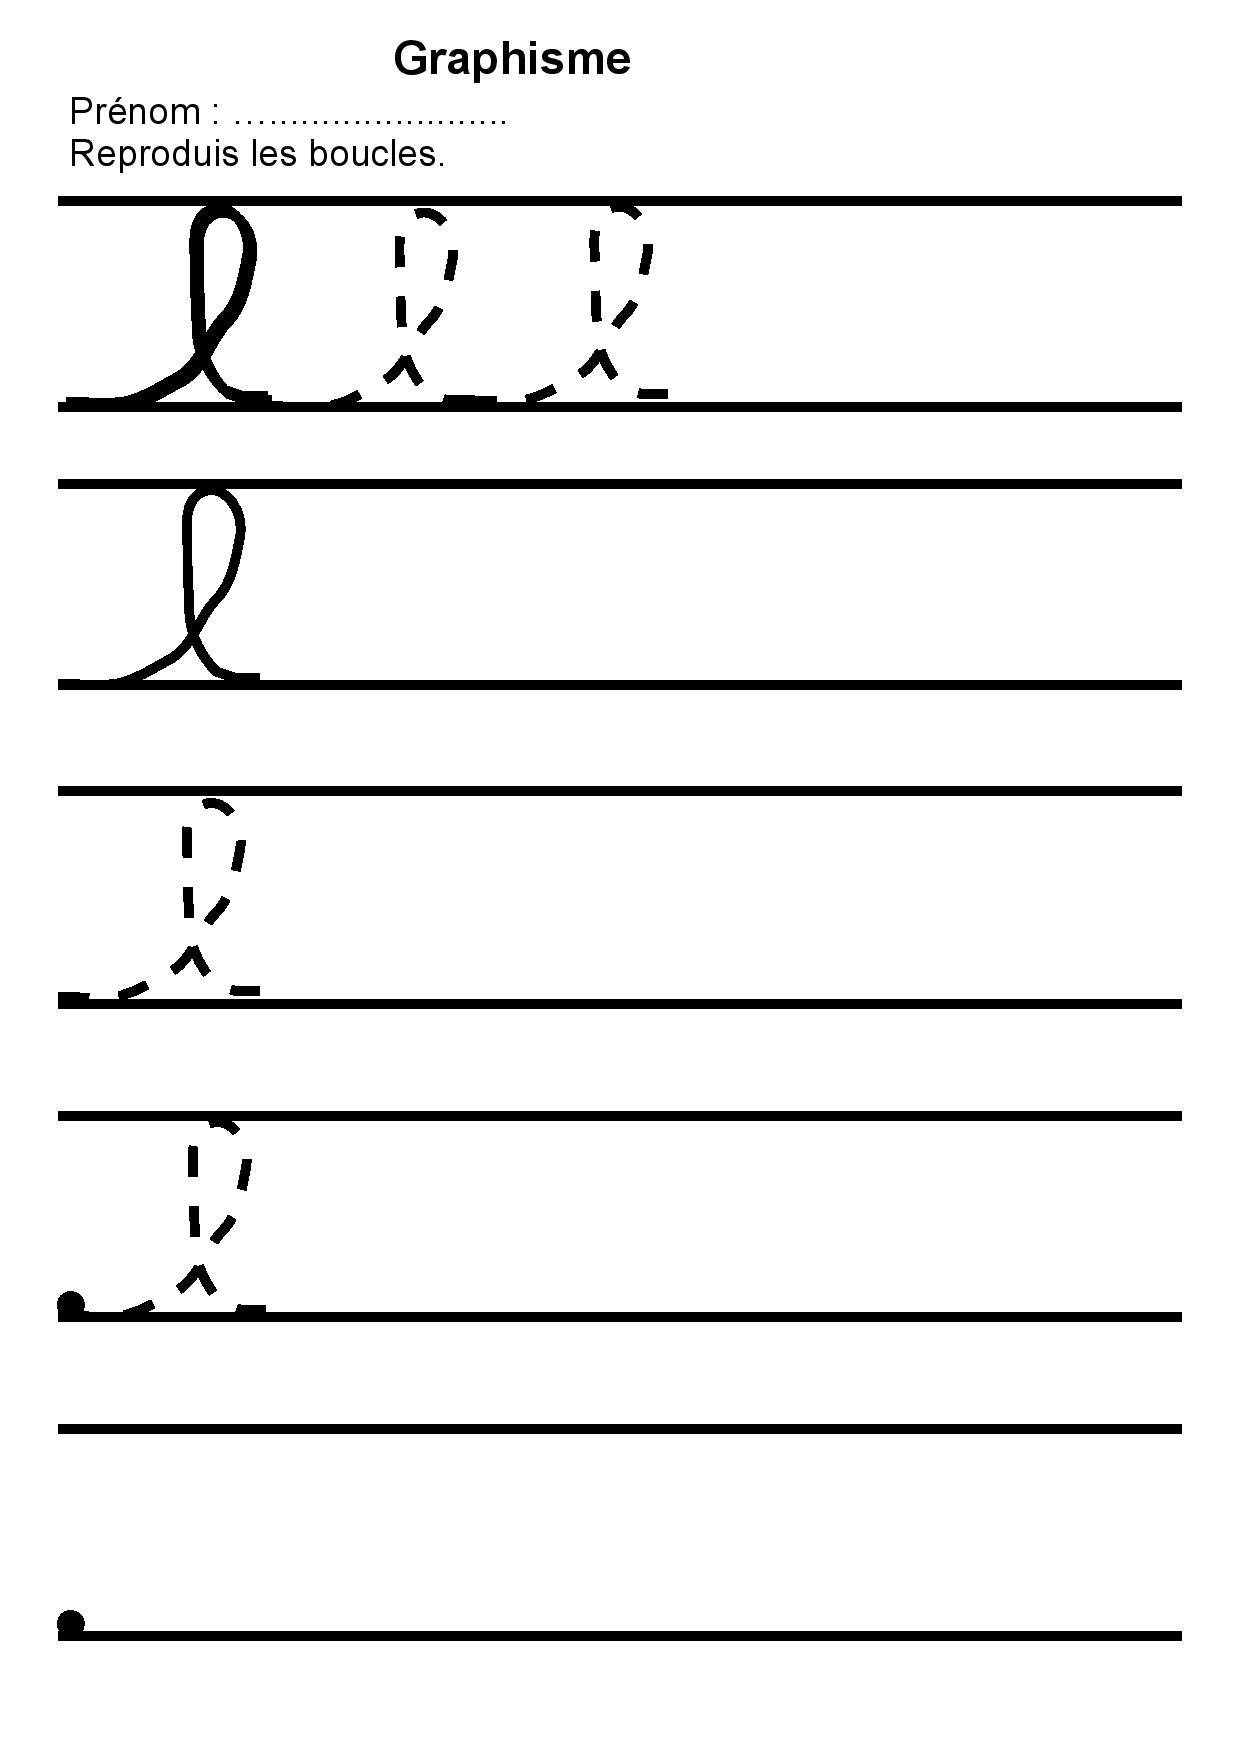 grande remise de style élégant en ligne maternelle graphisme 2,reproduire des boucles l,lettre l